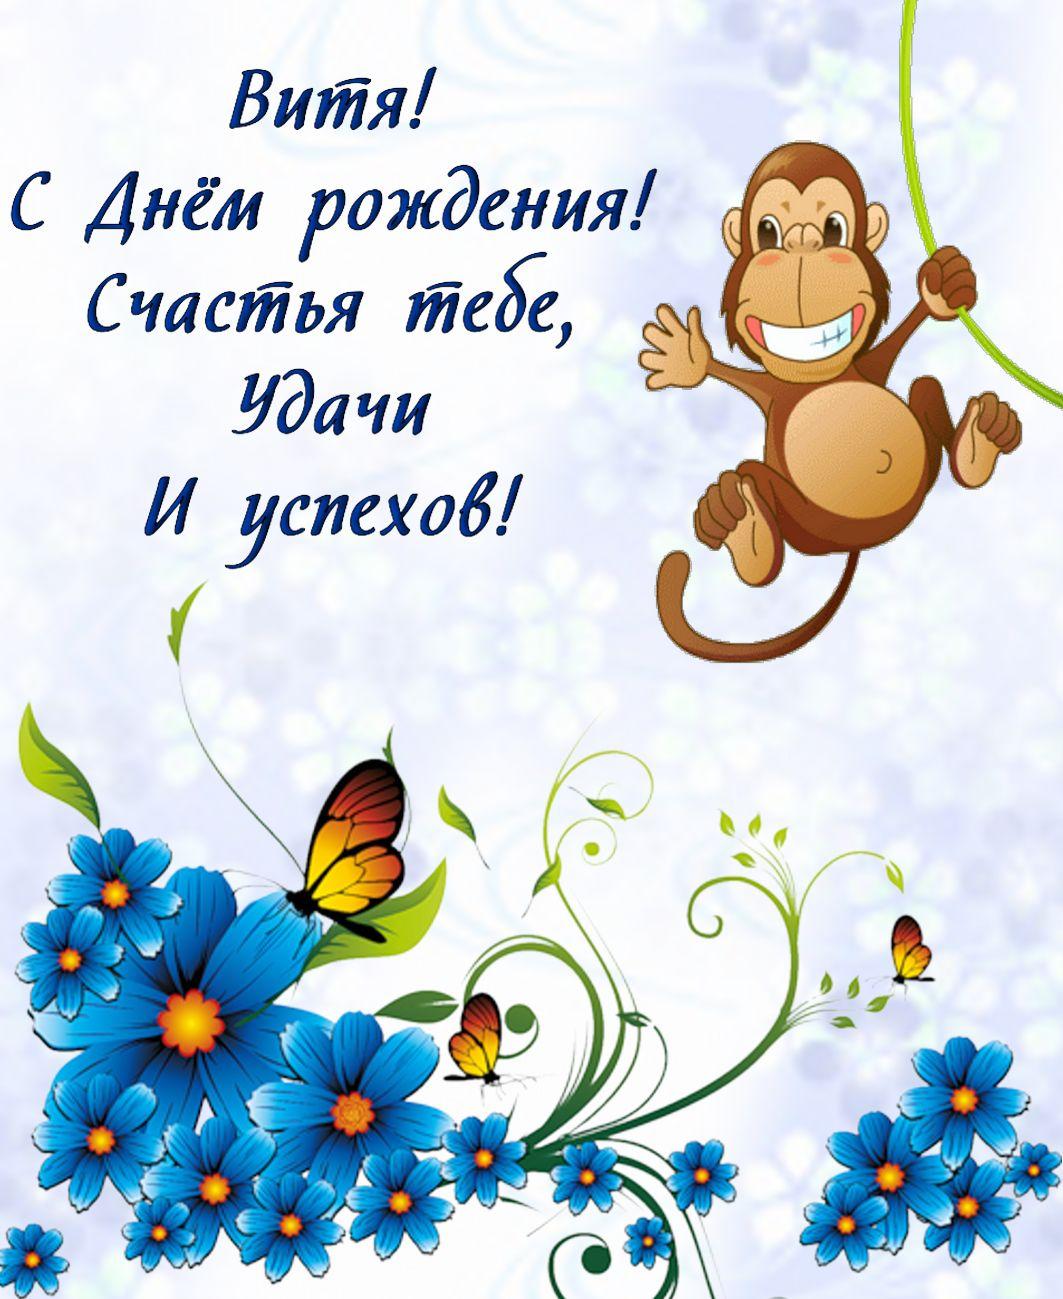 Картинки, открытка с днем рождения виктору ивановичу